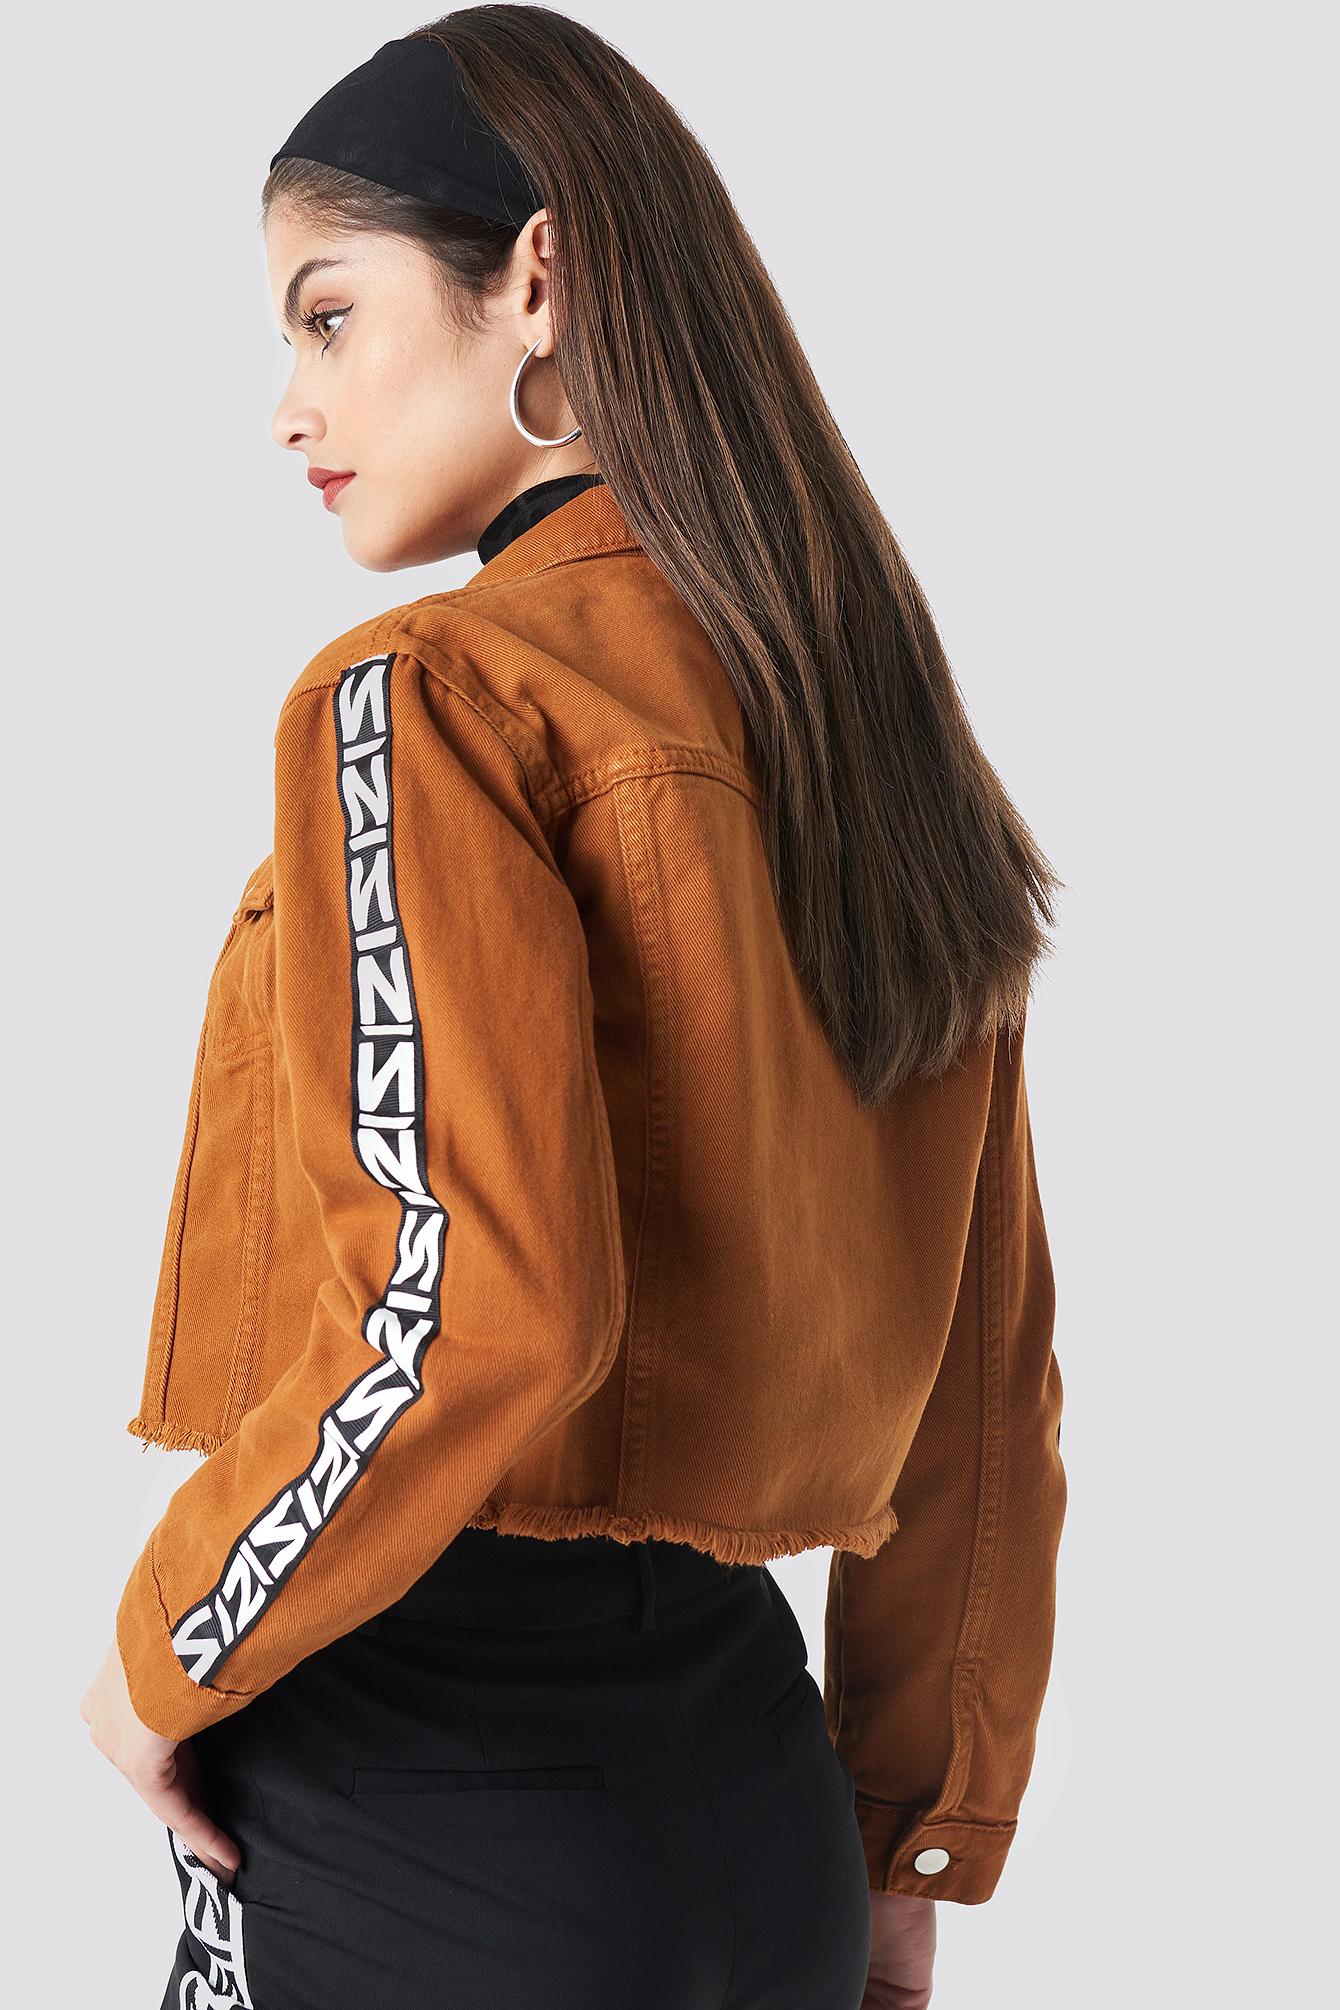 N Branded Denim Jacket NA-KD.COM